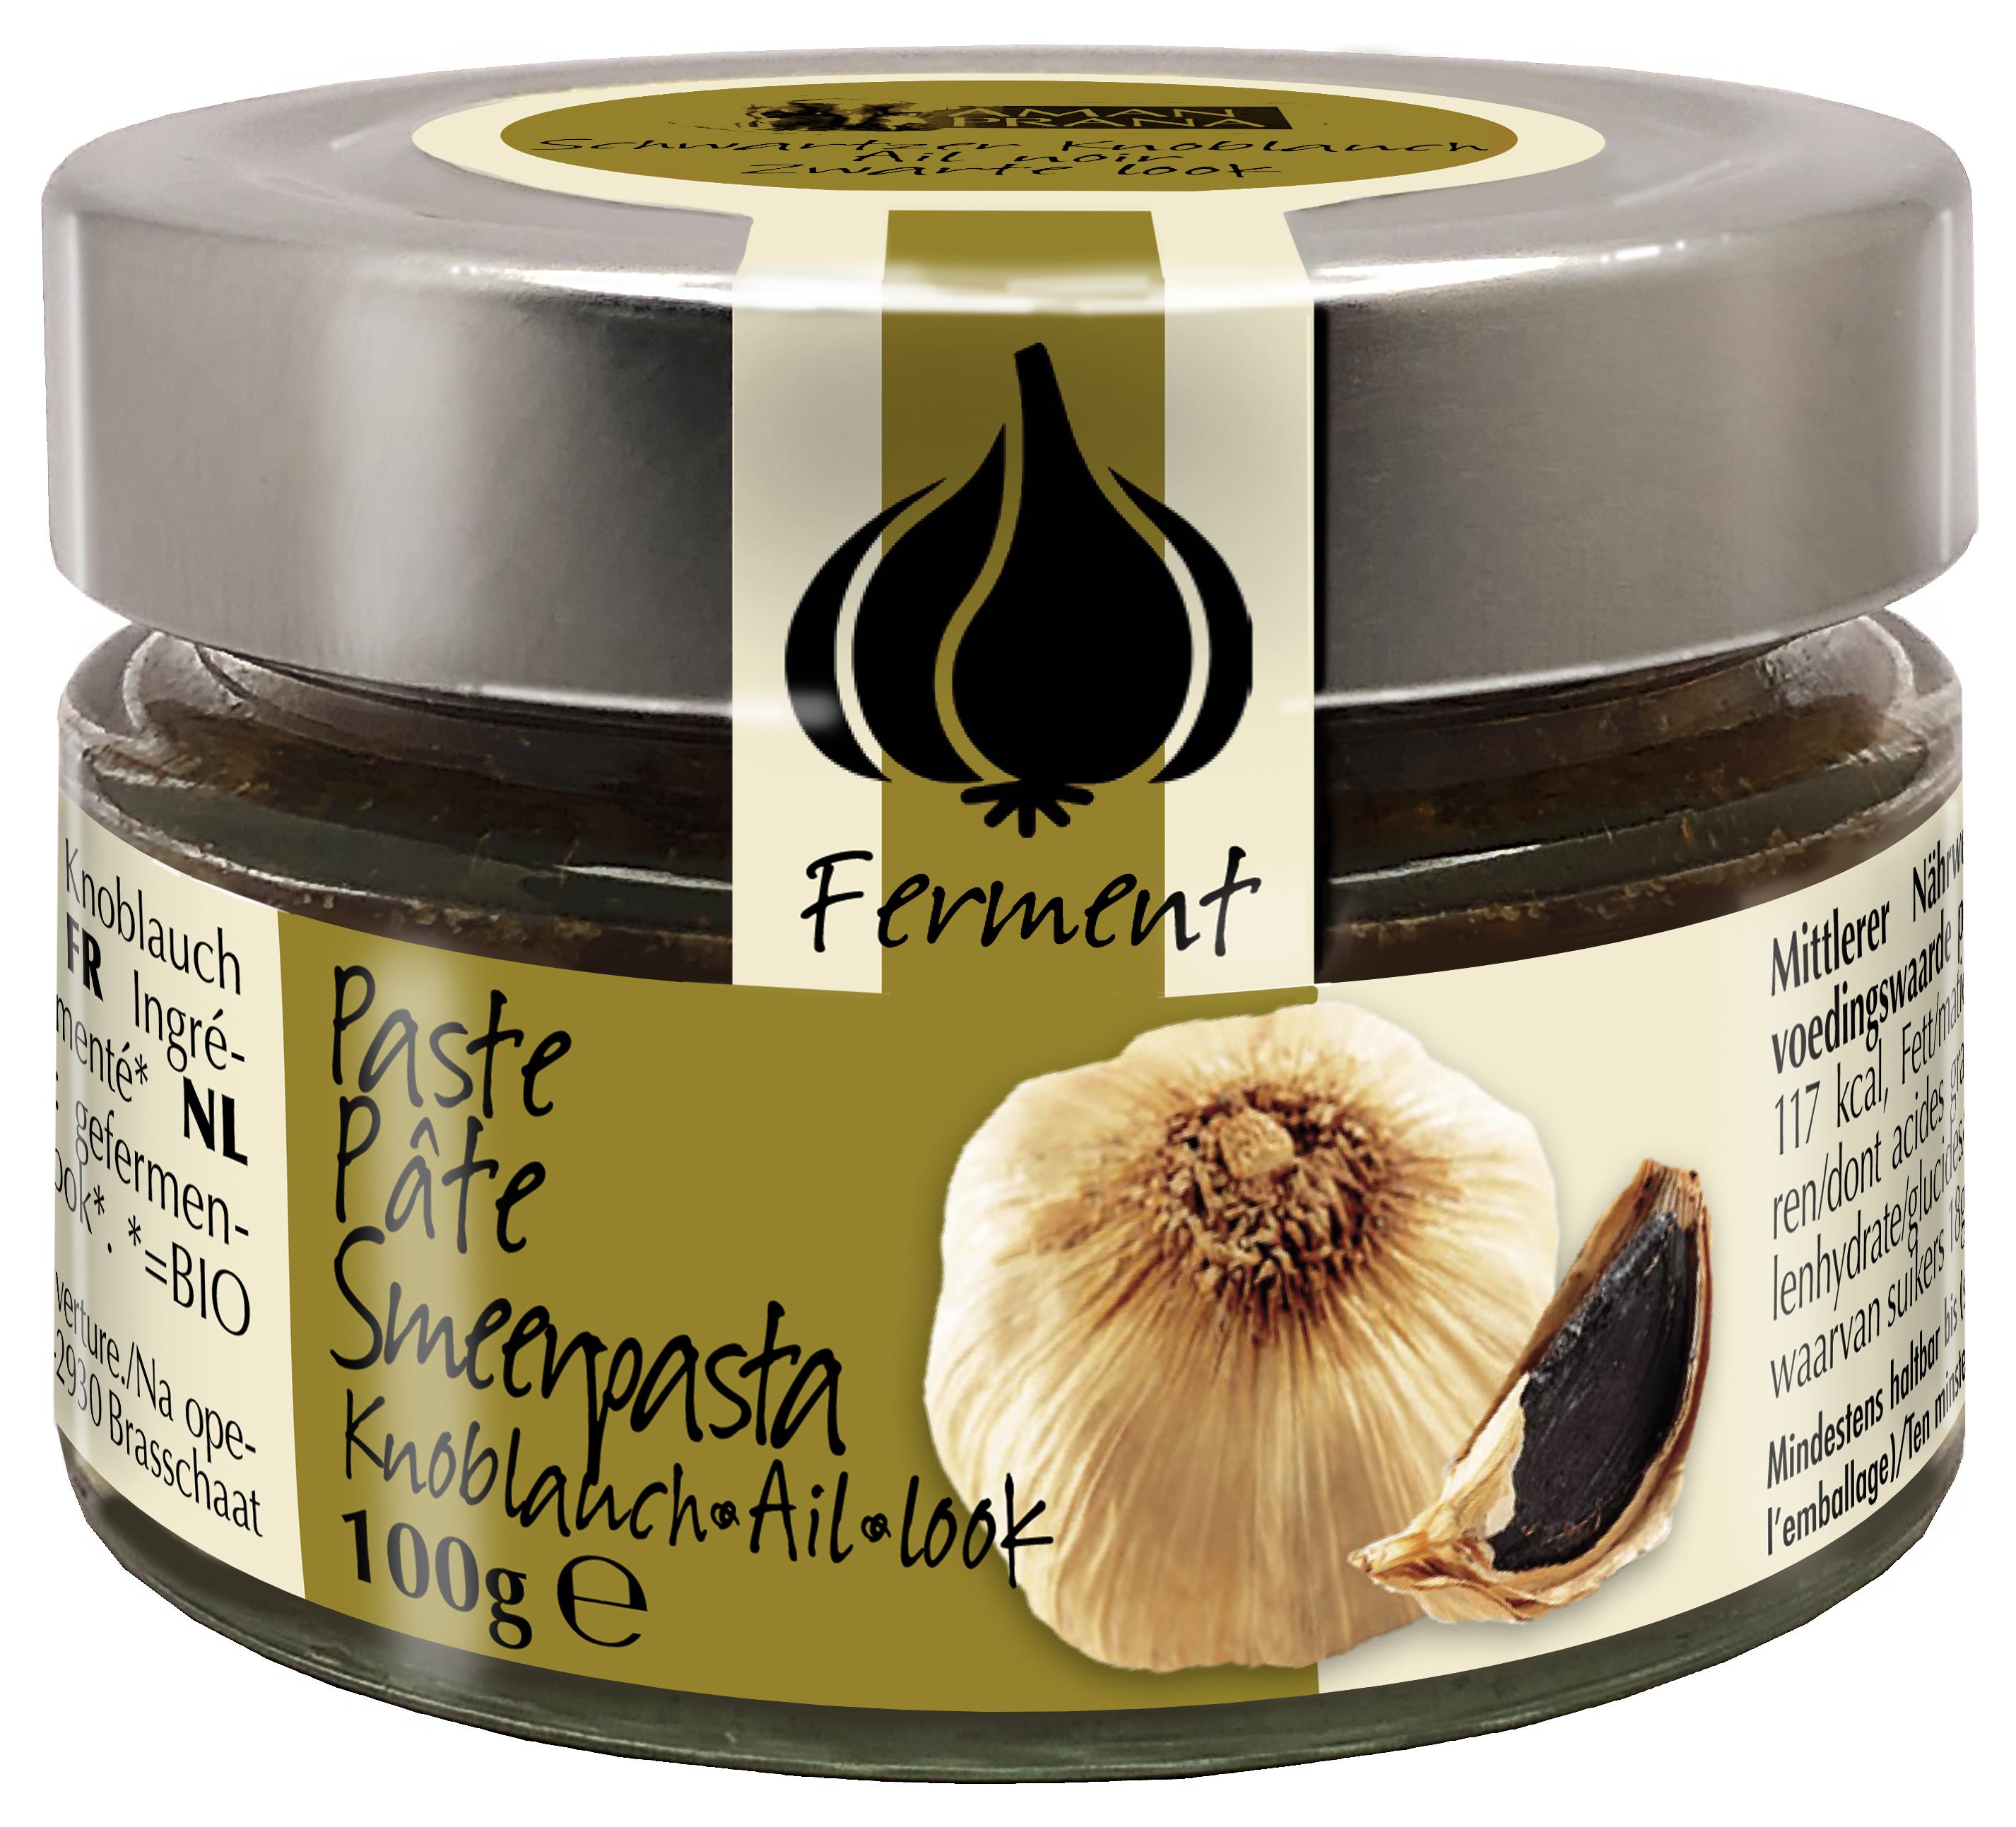 Verpakking van Amanprana's Zwarte knoflook pasta